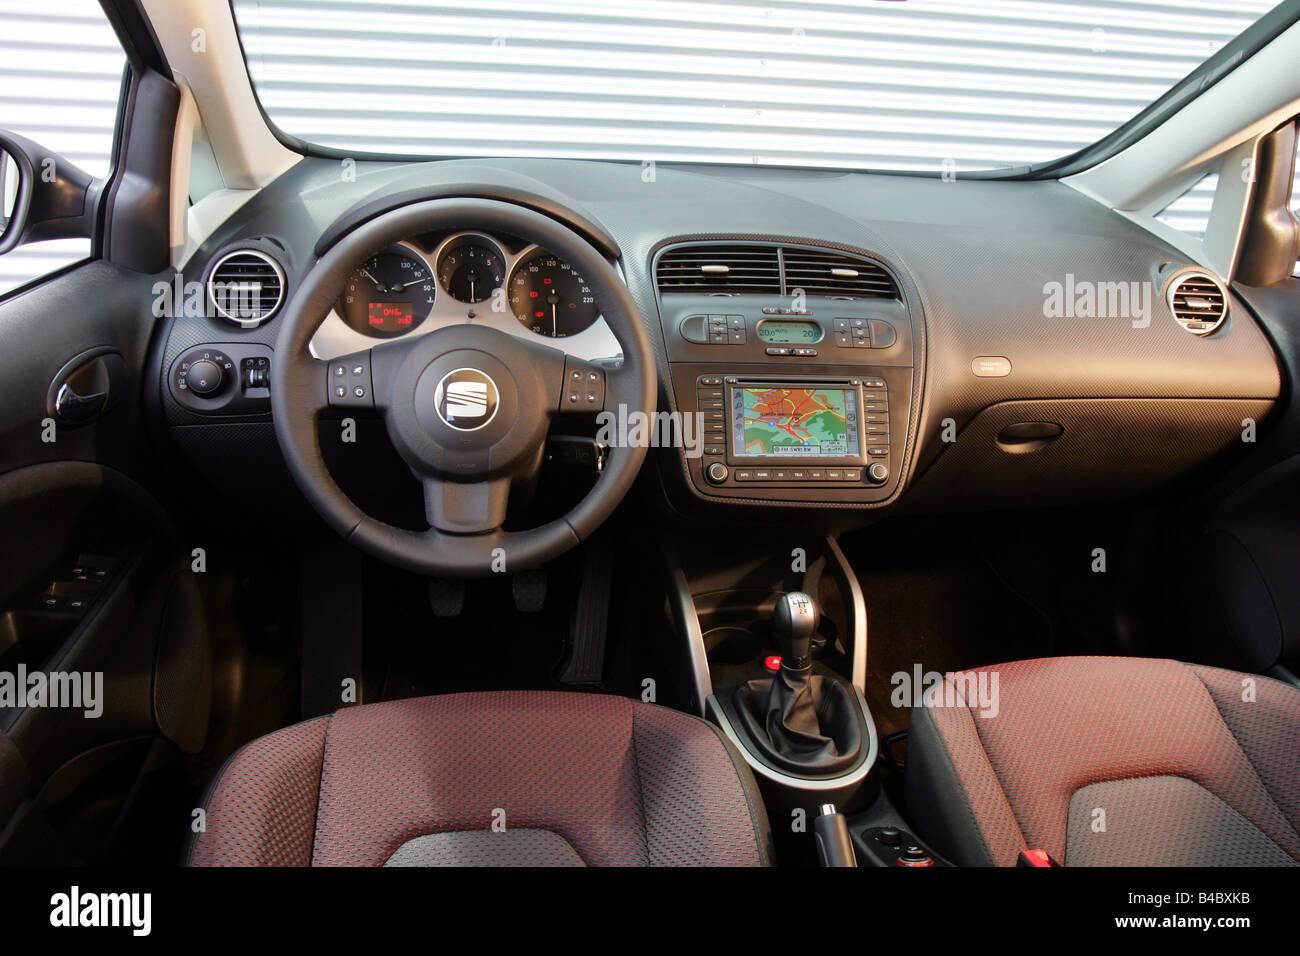 Auto, Seat Altea, schwarz, Van, Baujahr 2004-Innenansicht, Innenraum ...